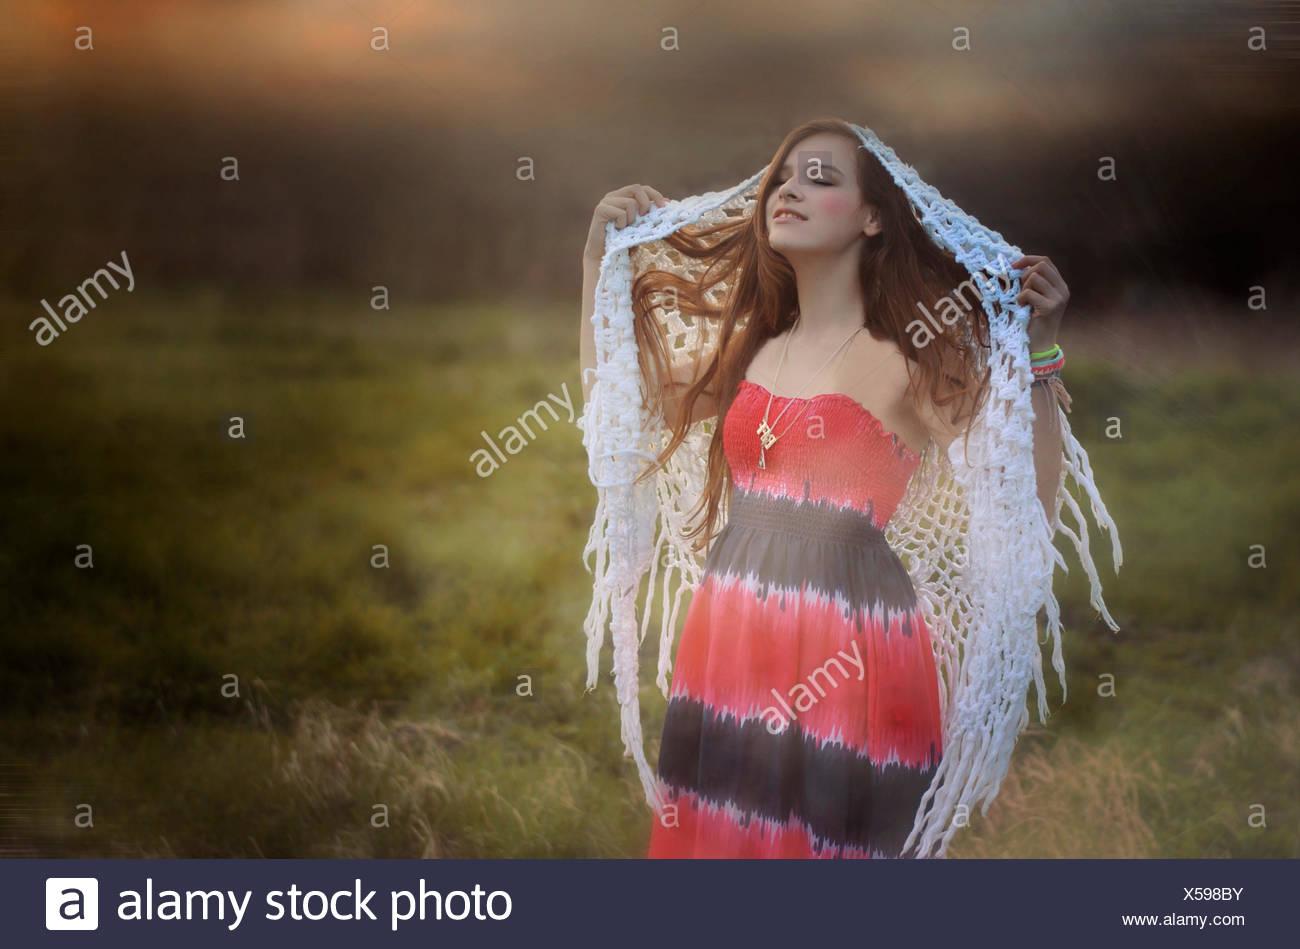 Frau Wandern und Träumen auf nebligen Wiese Stockbild